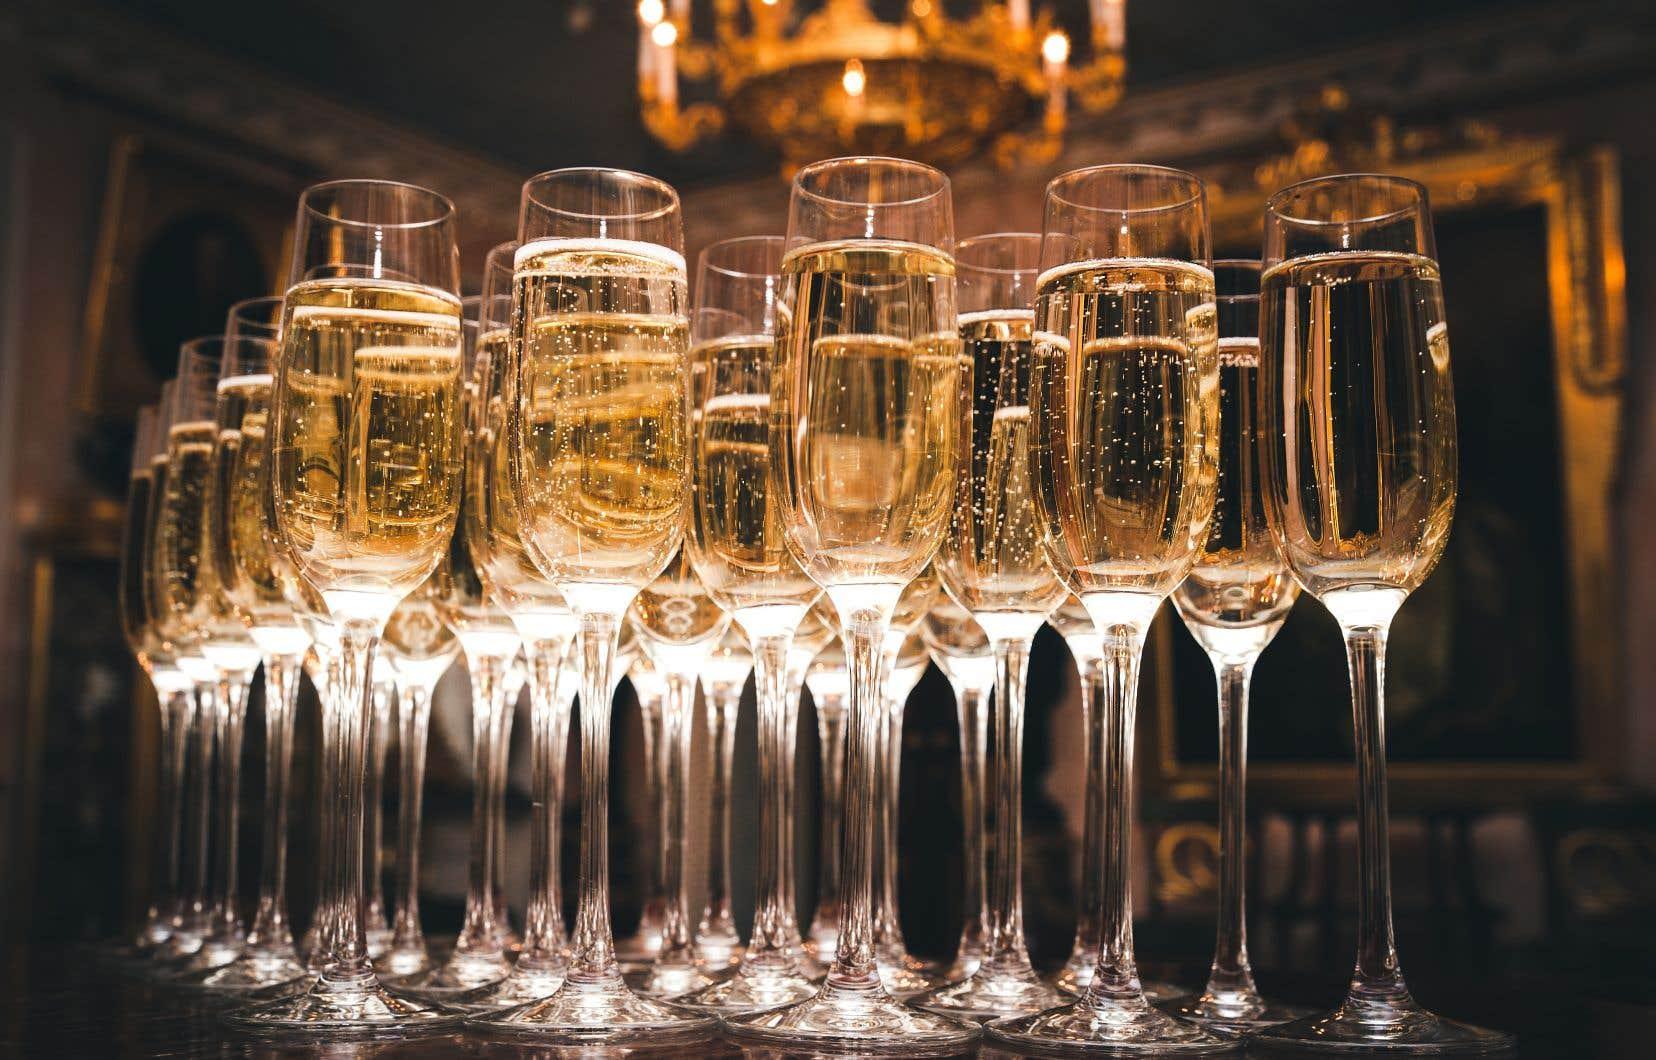 Selon Anselme Selosse, un grand vin, ce n'est pas une création, «c'est une évidence».